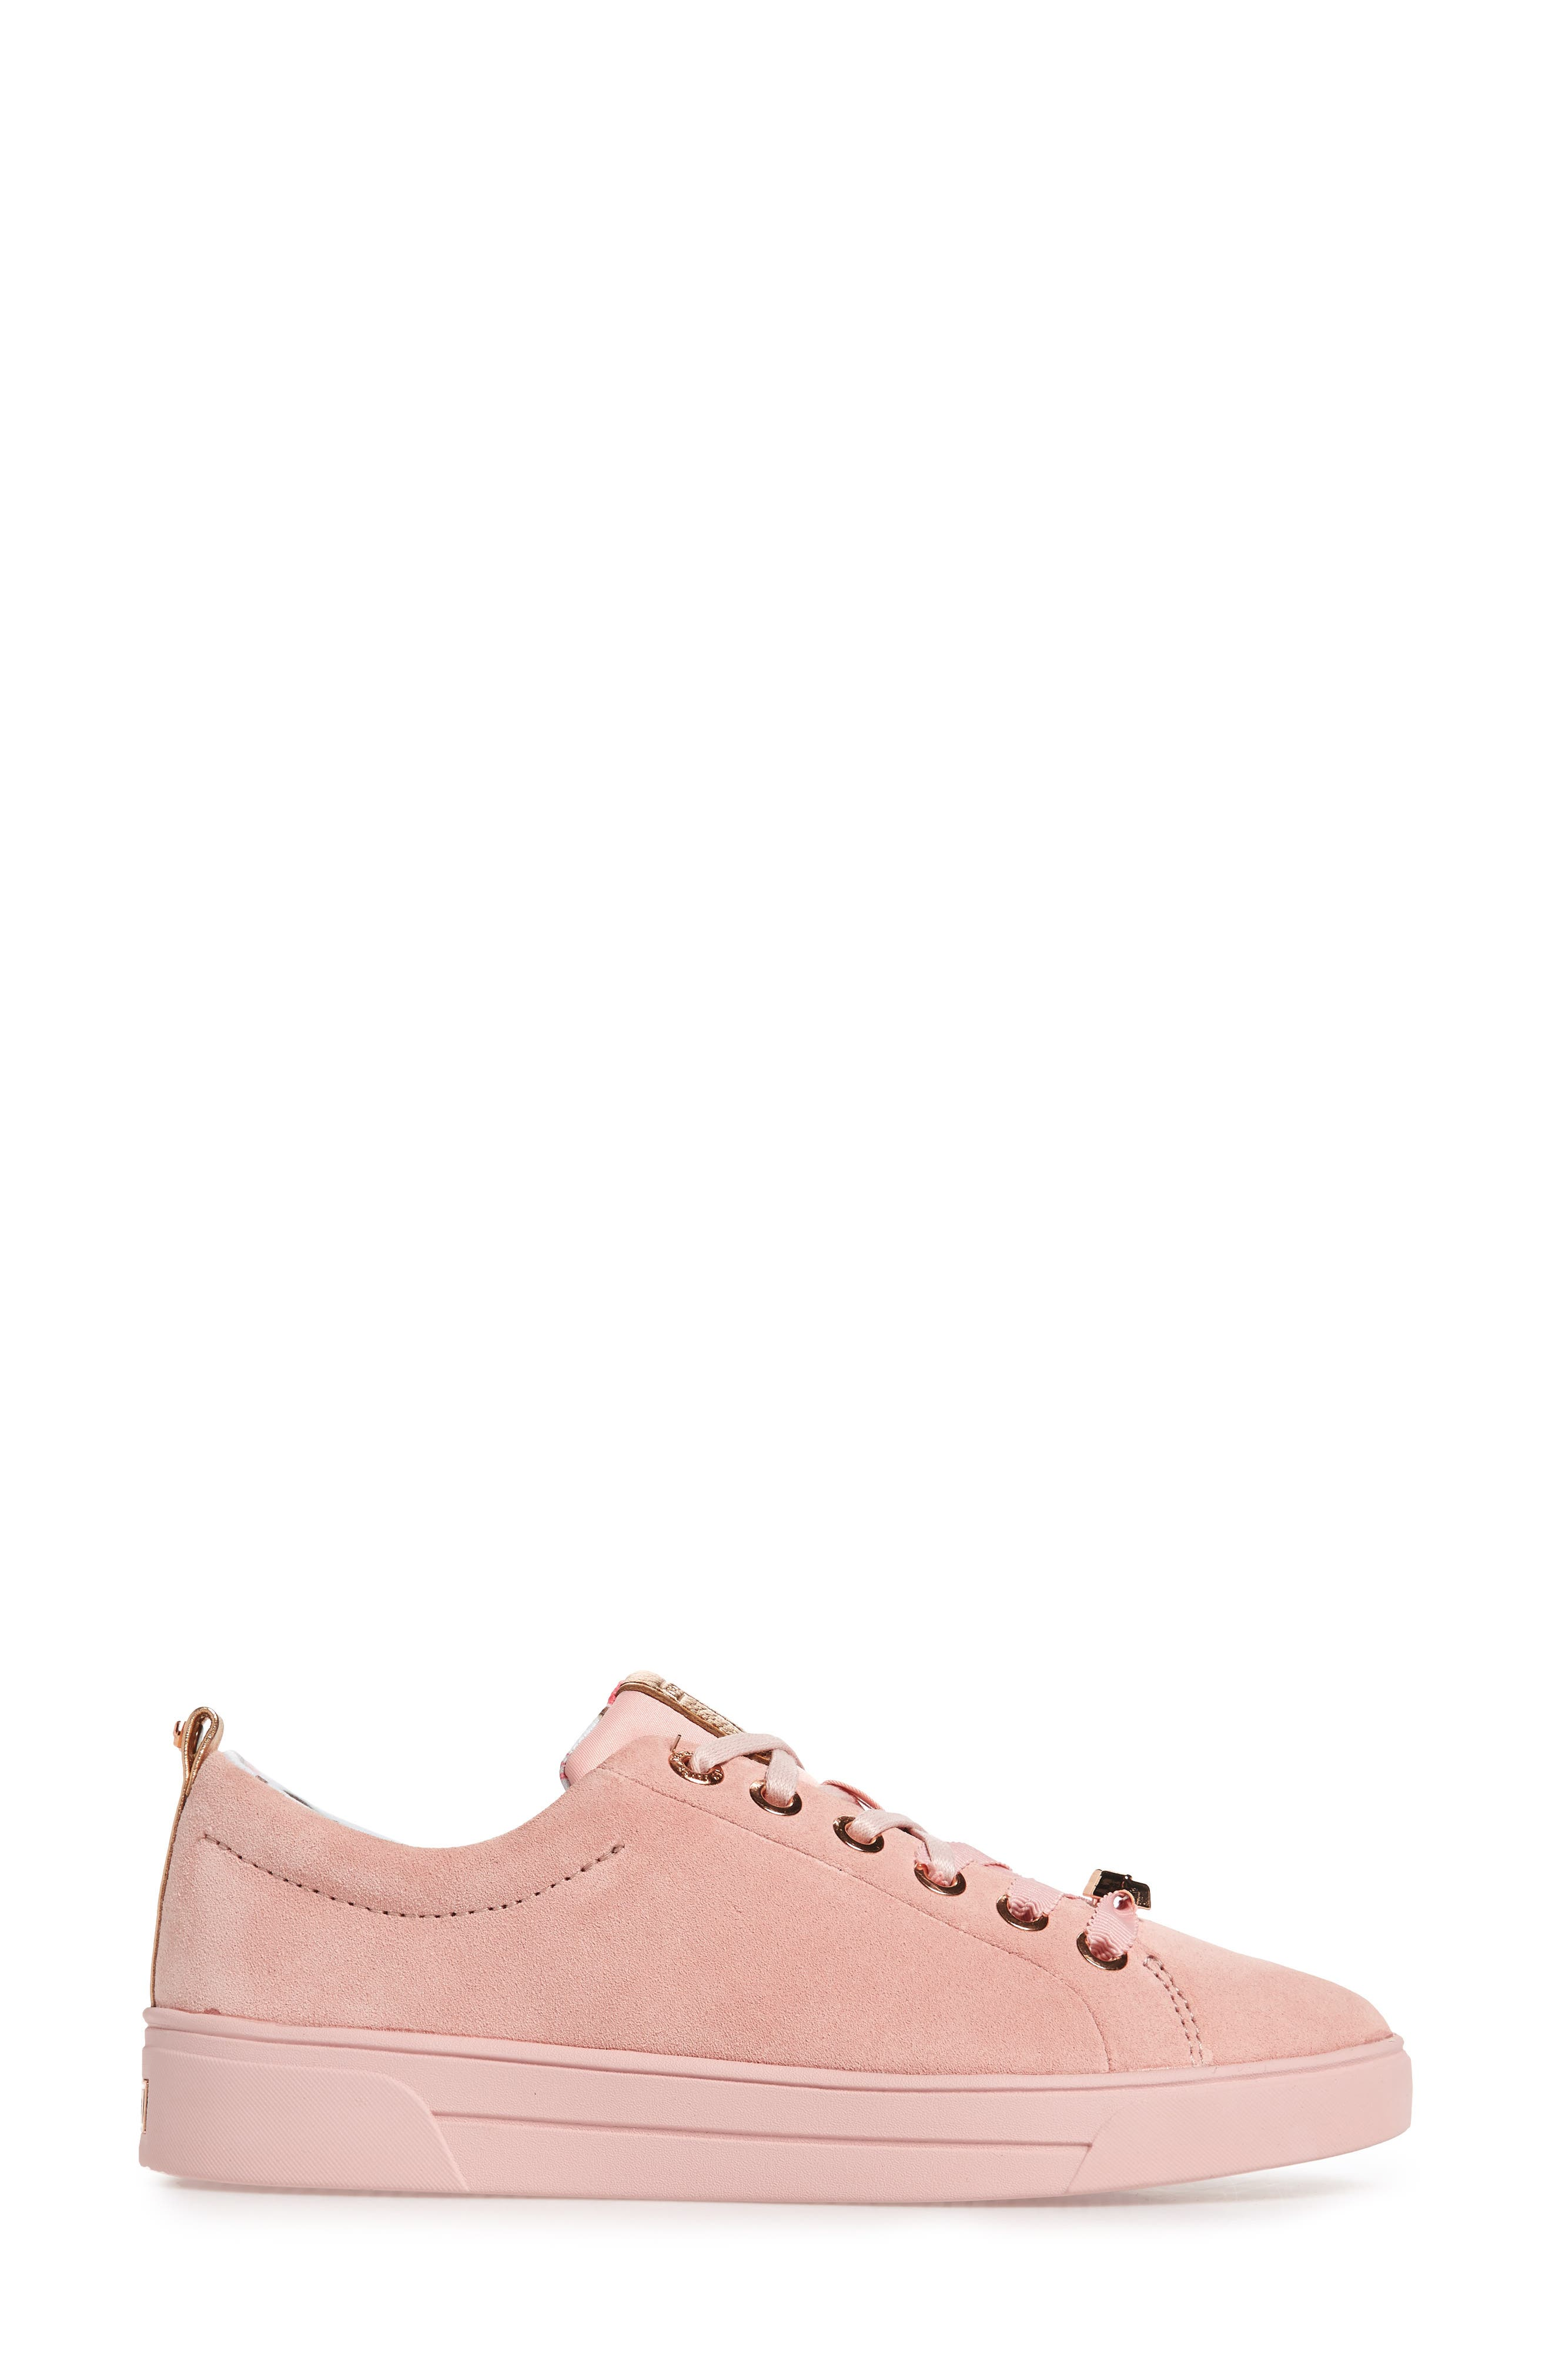 Kelleip Sneaker,                             Alternate thumbnail 3, color,                             Mink Pink Suede